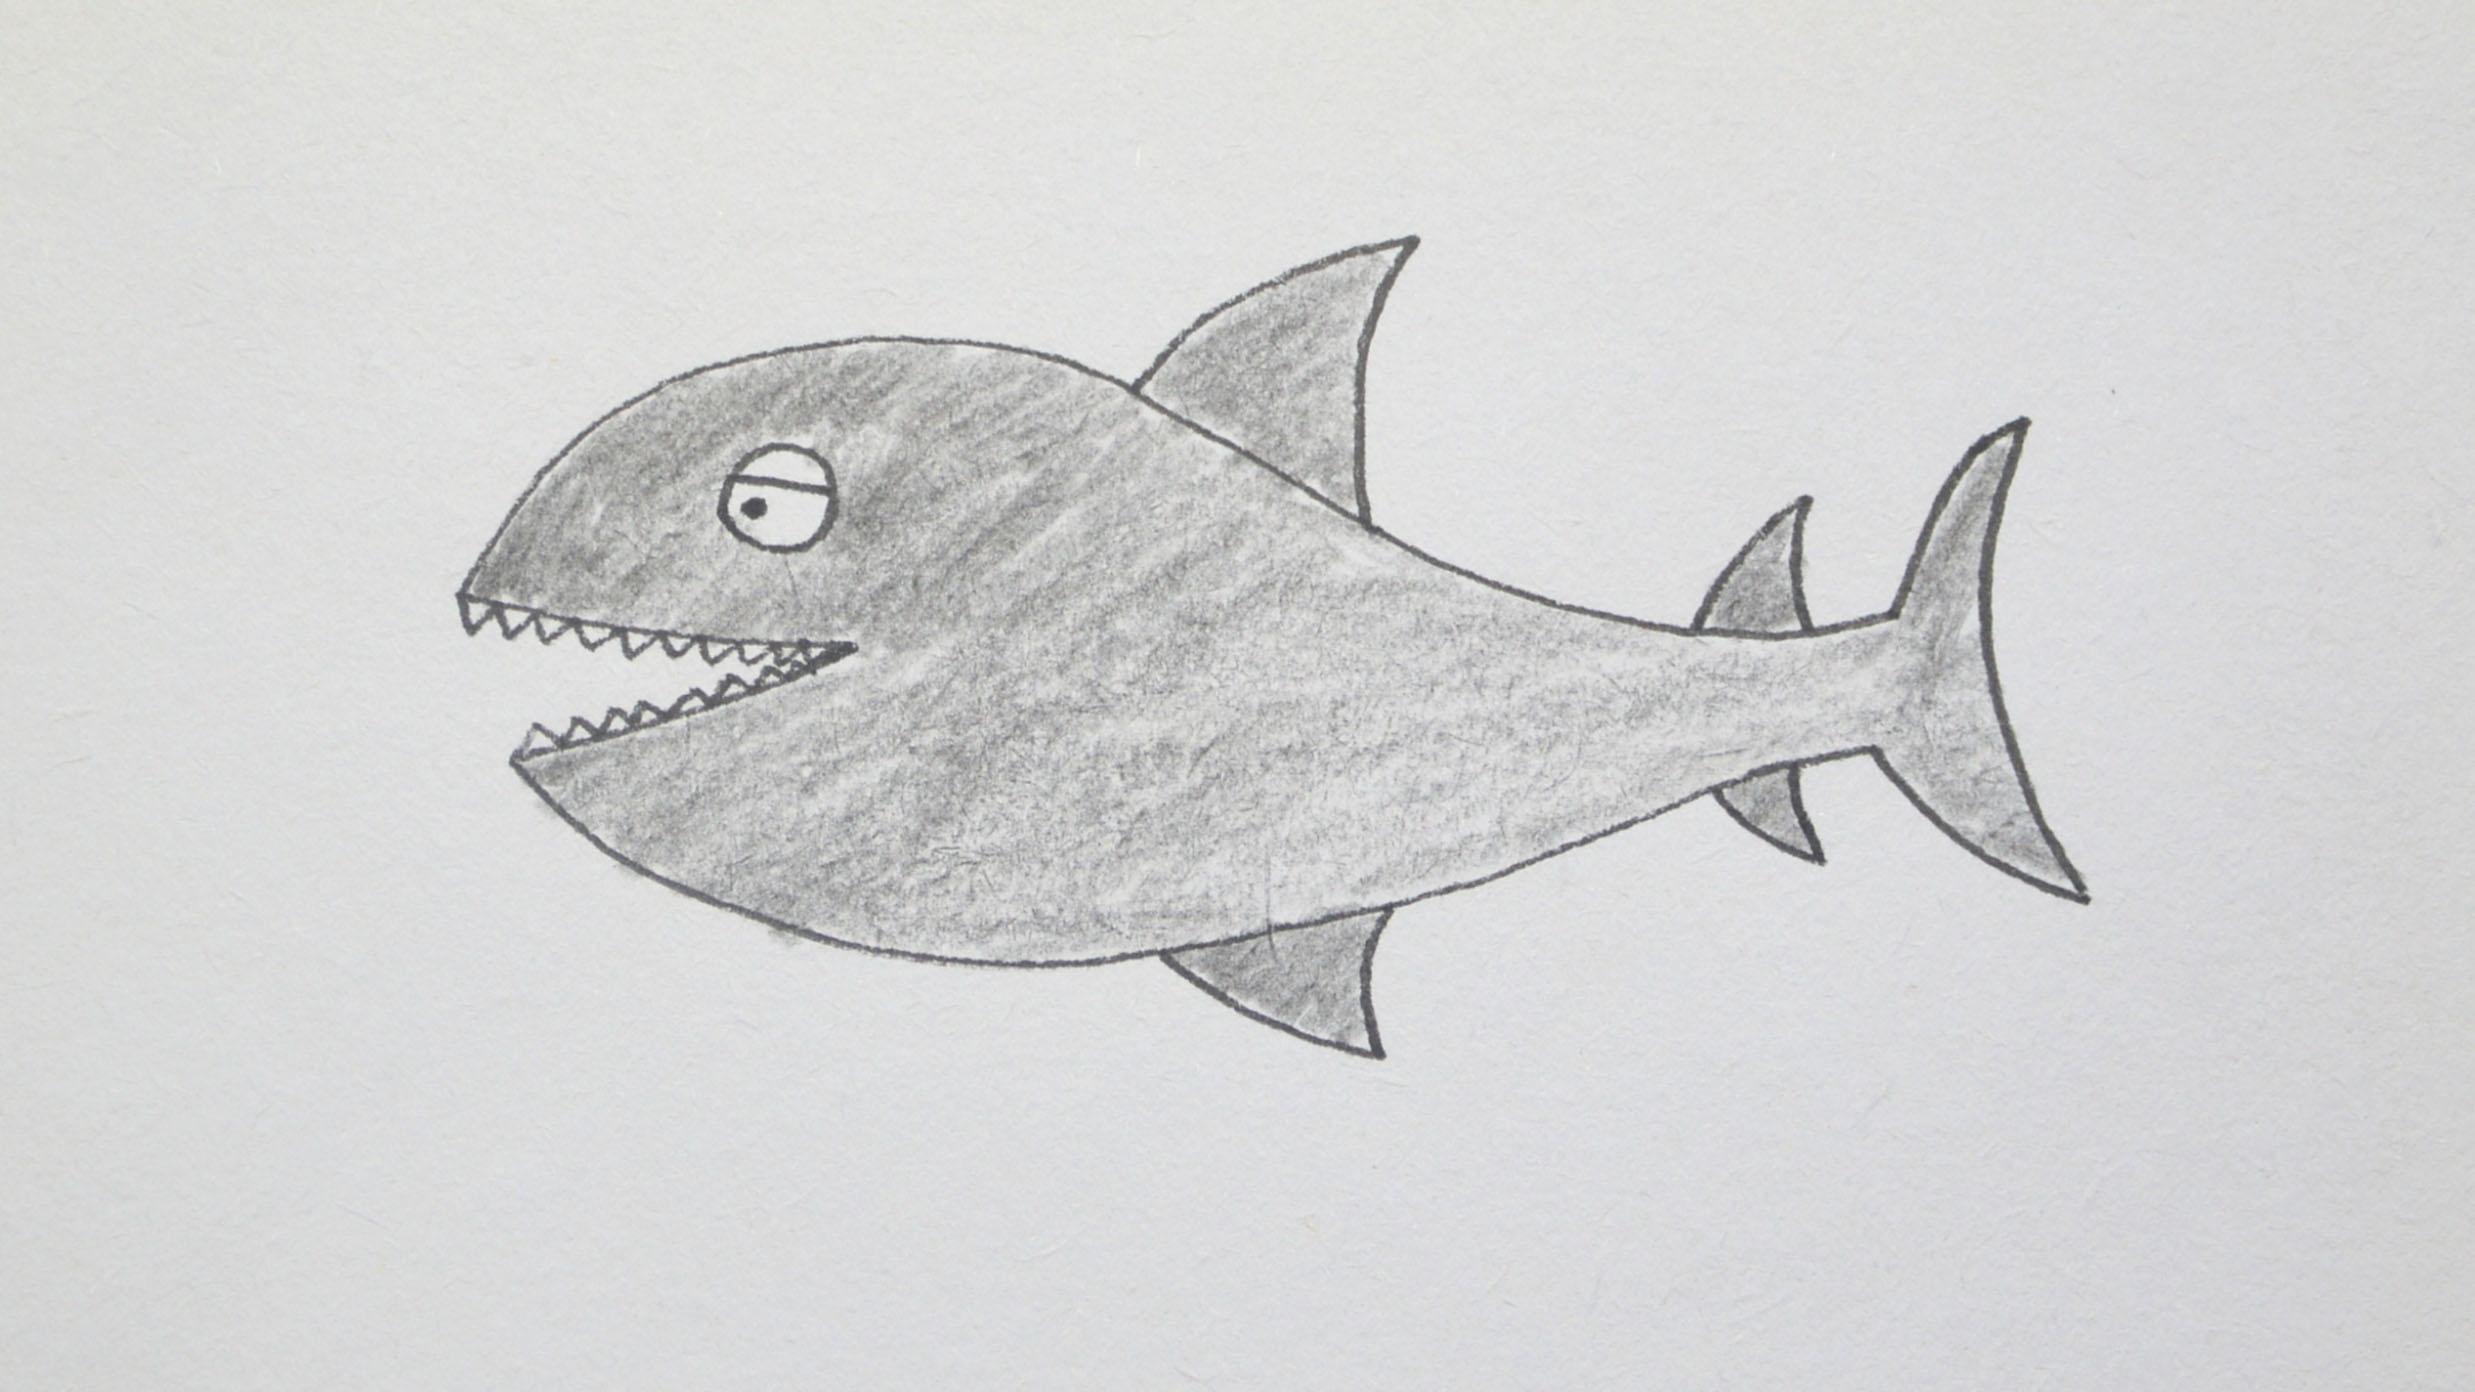 酷萌北鼻简笔画,幼儿学画鲨鱼的简笔画画法图片